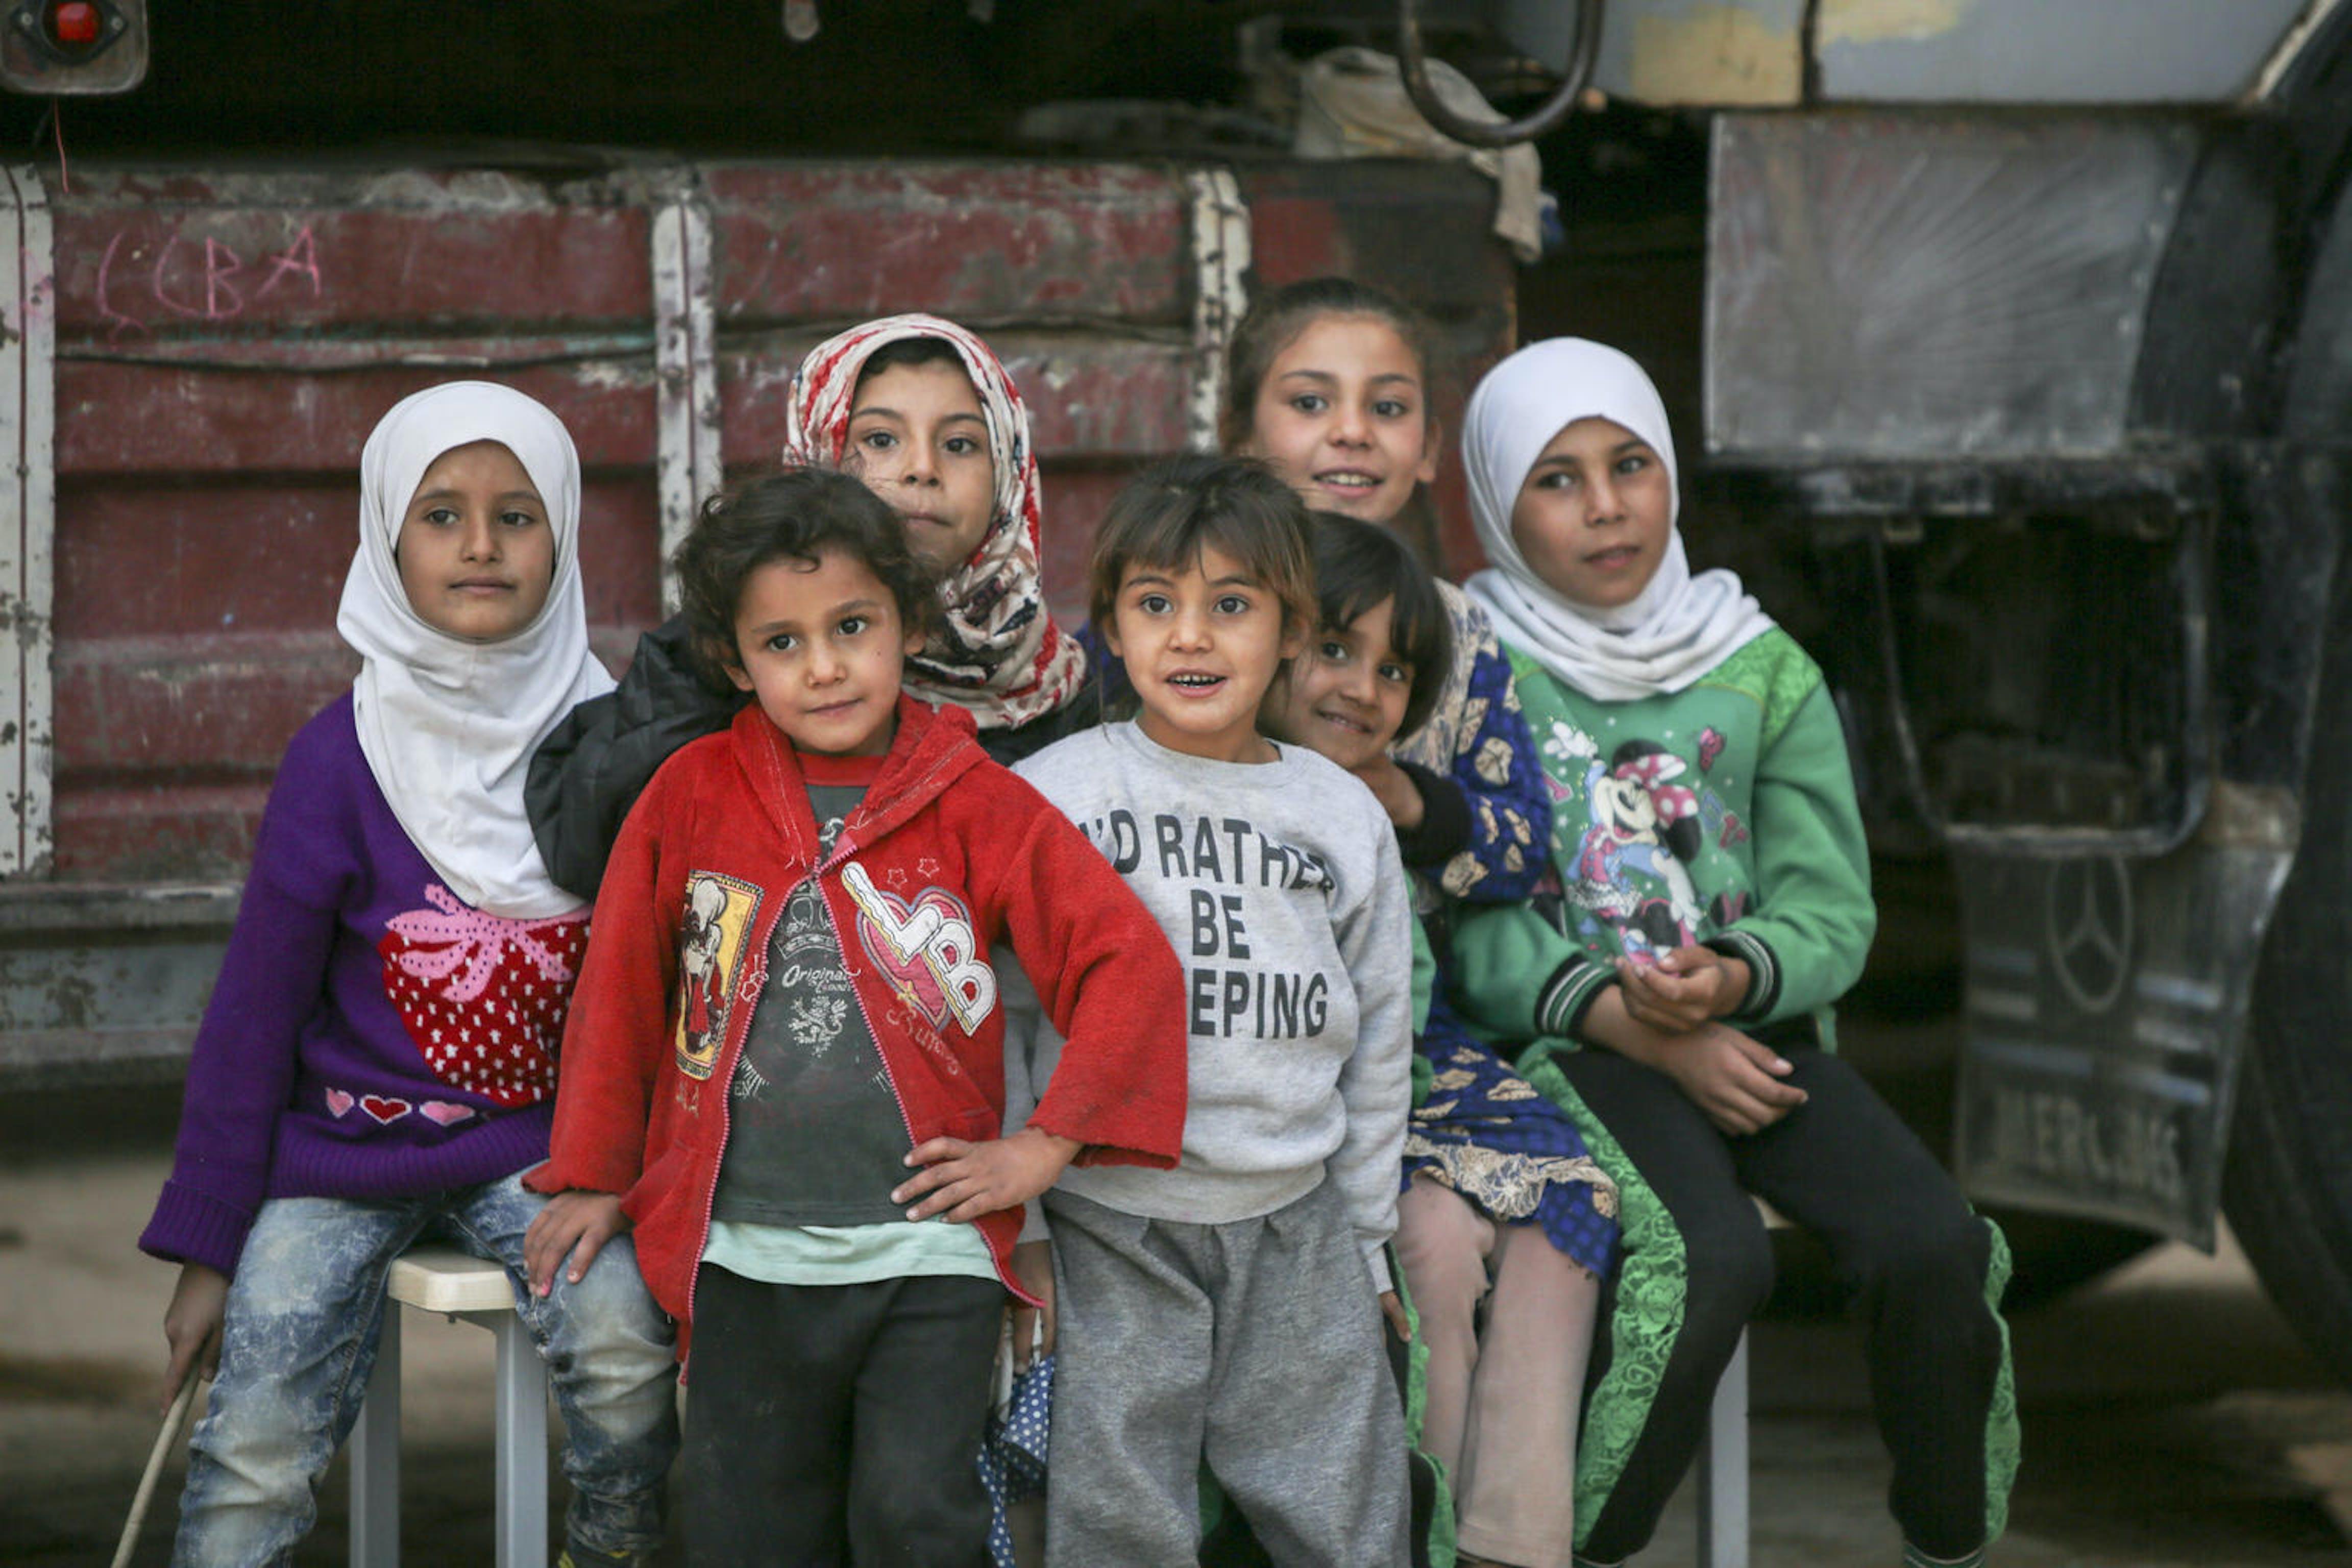 Centinaia di famiglie sfollate dall'offensiva turca nelle zone curde del nord-est della Siria hanno trovato rifugio in questa scuola della città di Tell Abyad - ©UNICEF/UNI223838/Alkasem